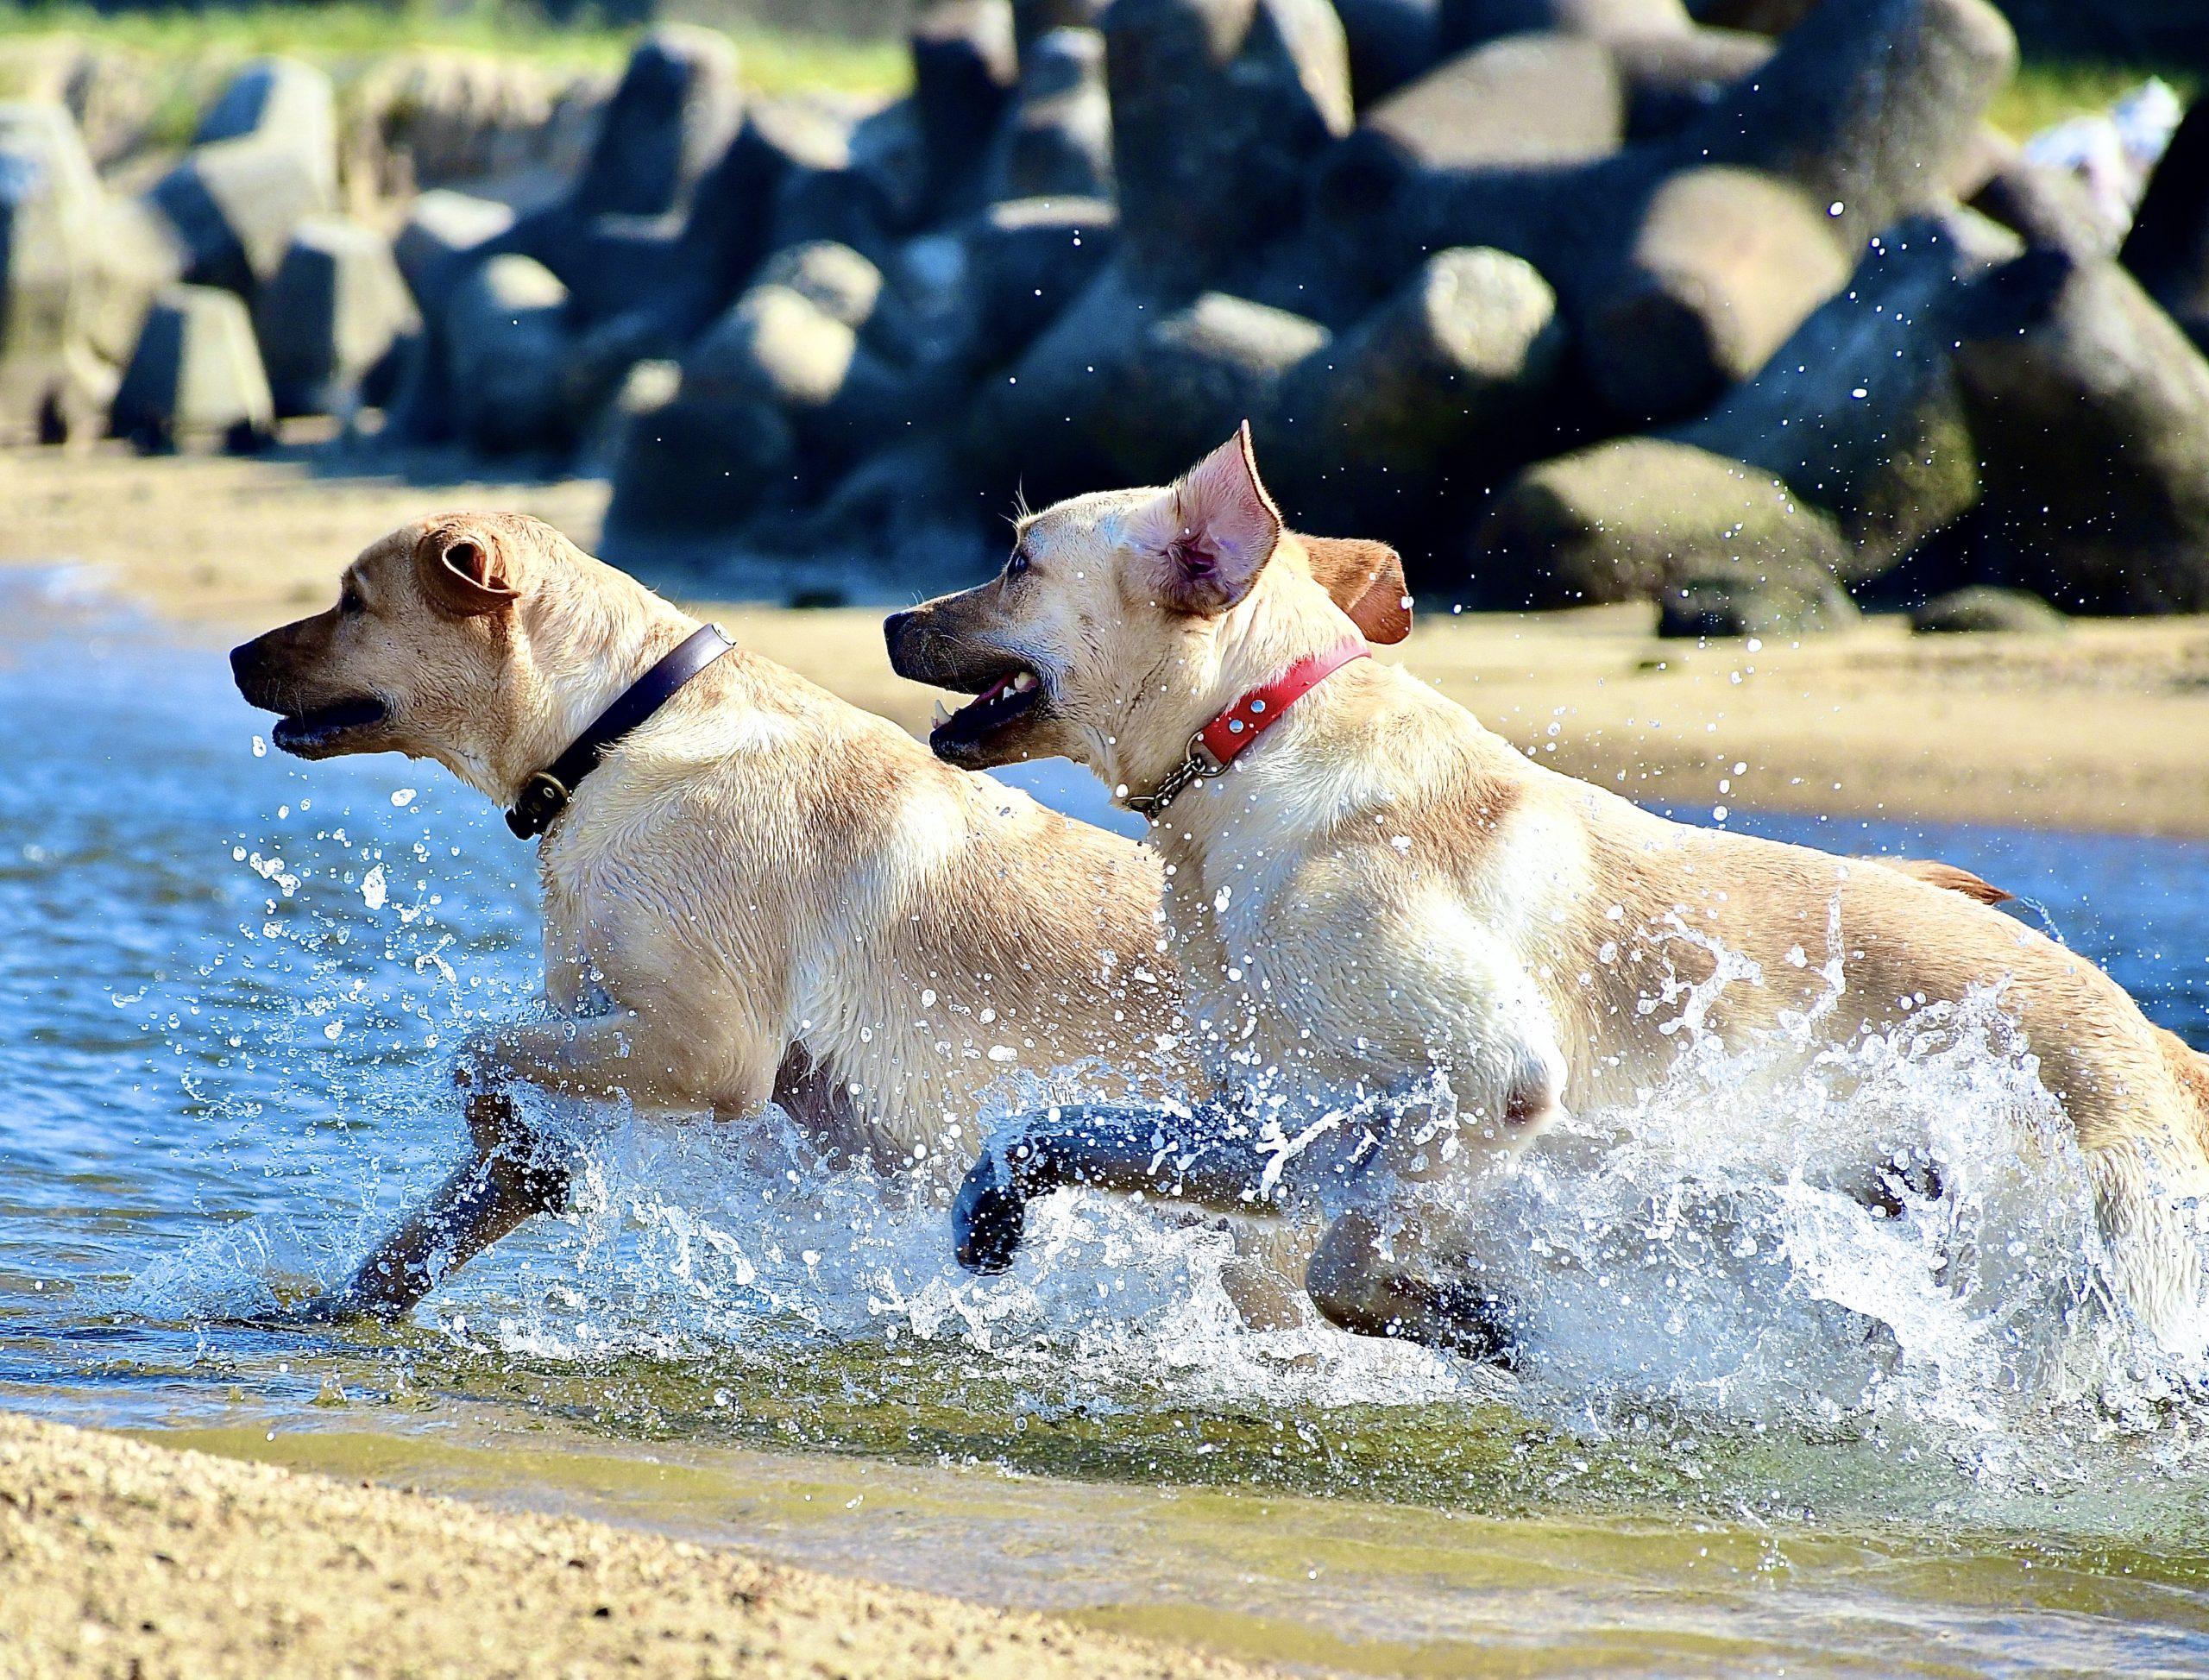 犬海洋散骨、海洋散骨、犬海、ゴールデンレトリーバー